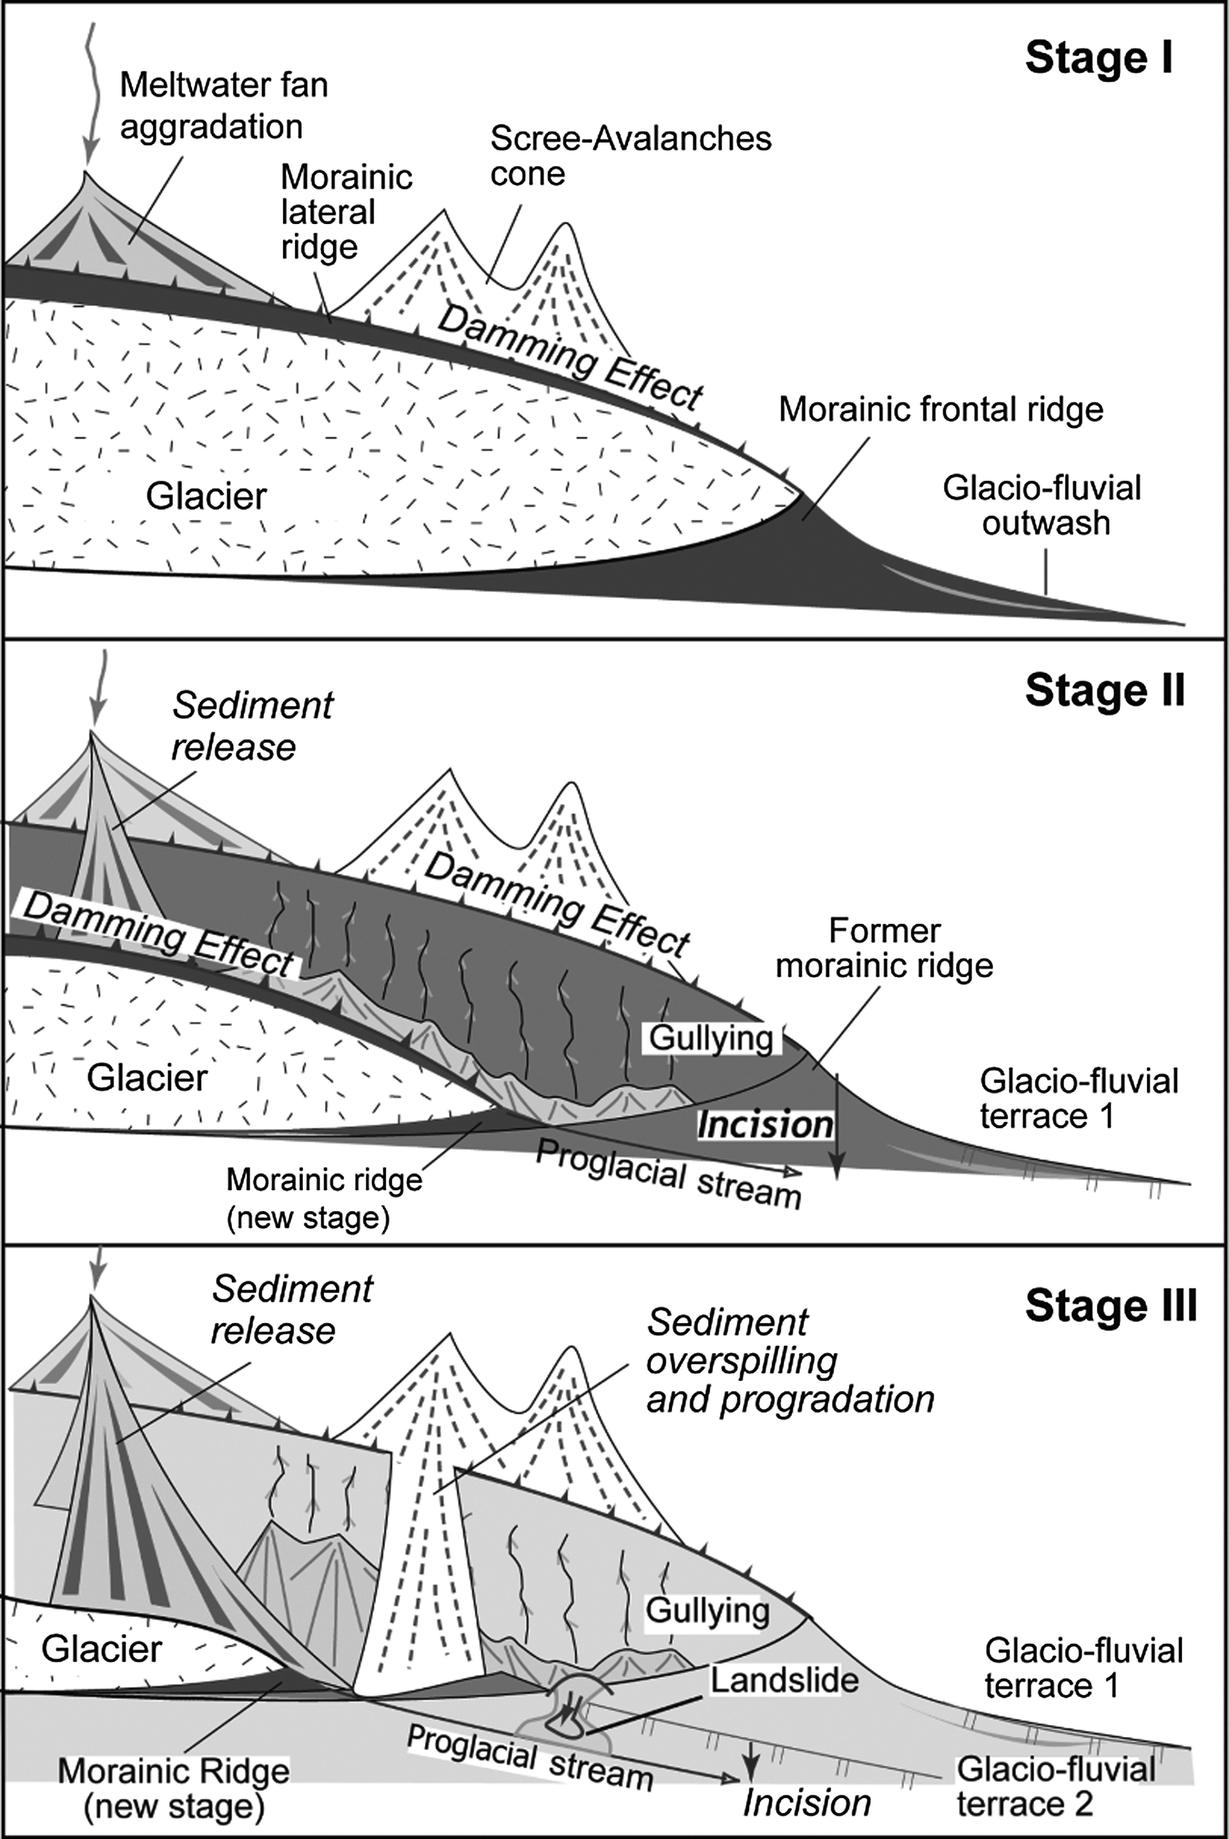 klotz and forsyth glacial terrace